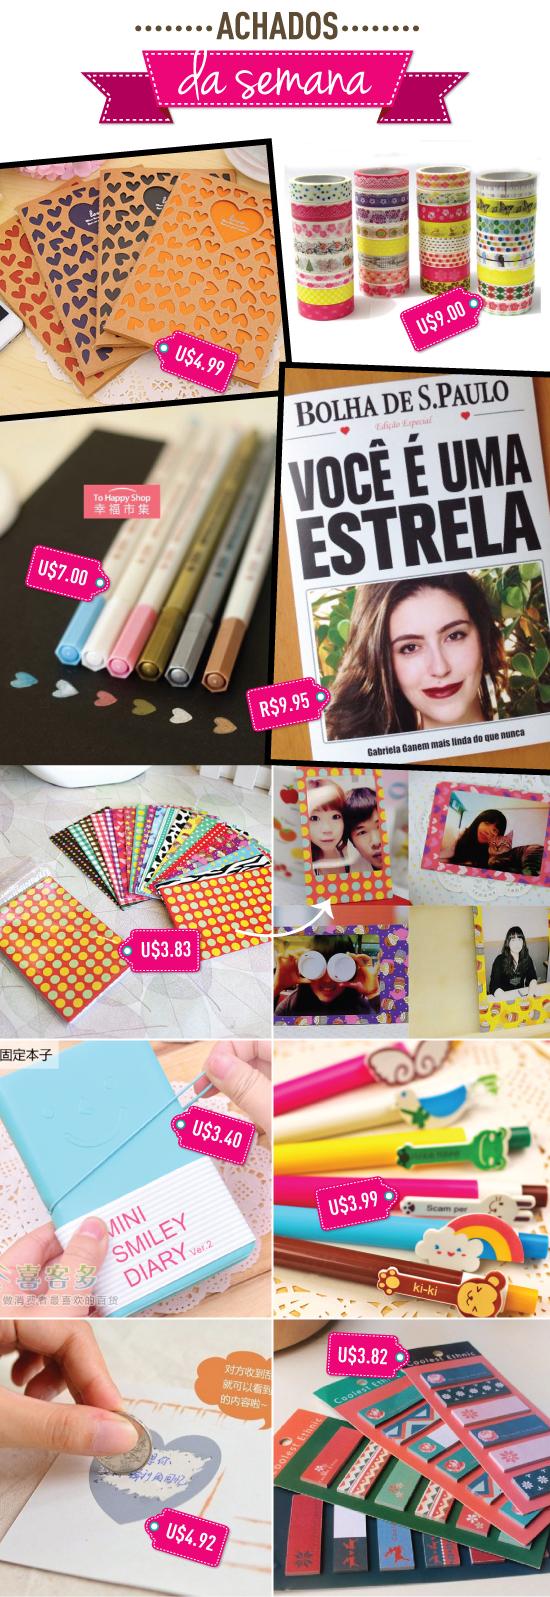 achados-da-semana-papelaria-stationary-barato-aliexpress-cards-4-you-personalizado-caderno-agenda-cartao-caneta-sticker-note-moldura-adesivo-durex-fita-polaroid